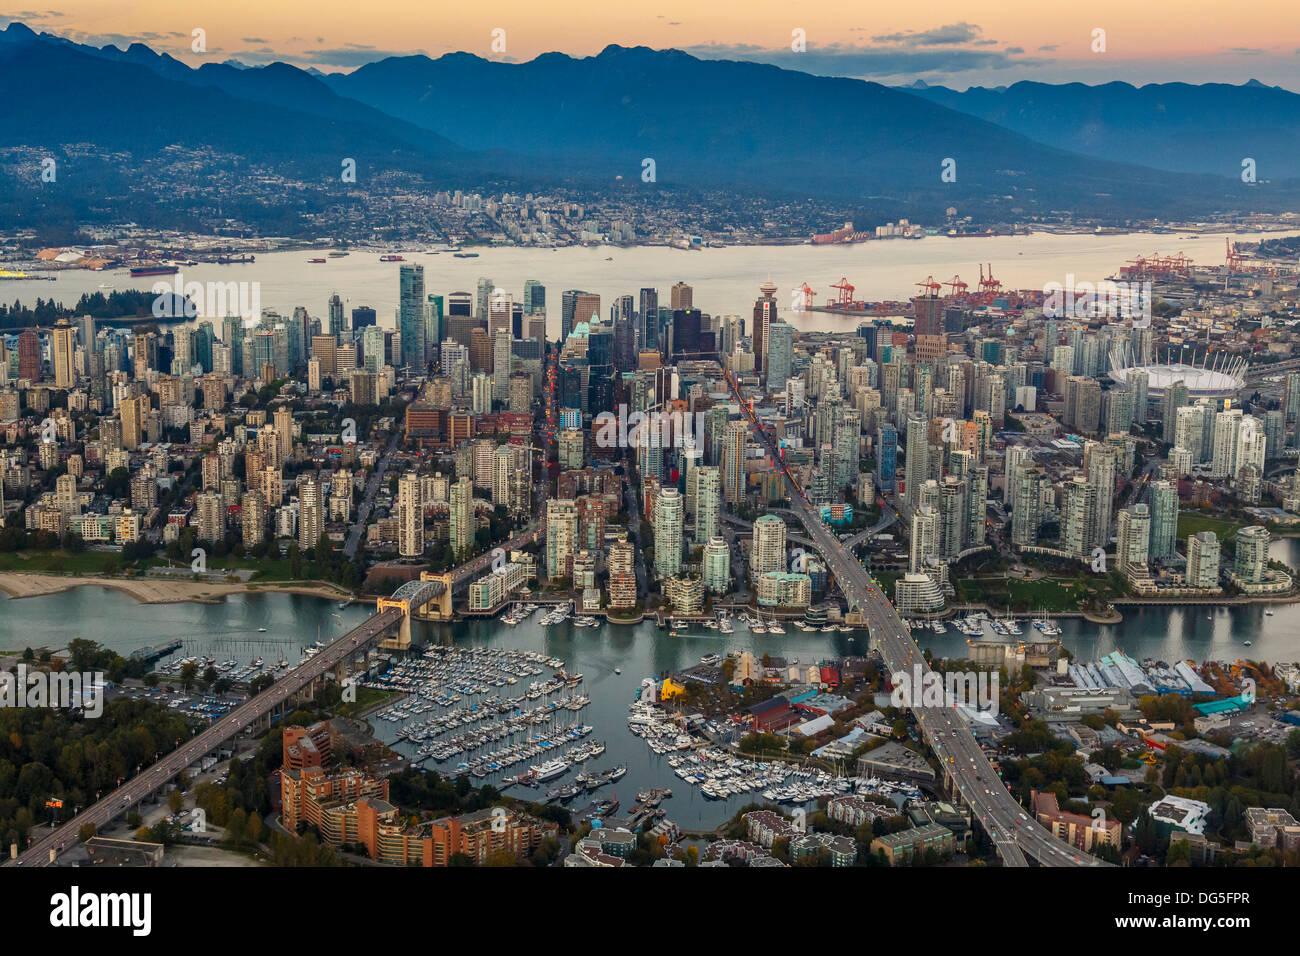 Le centre-ville de Vancouver, Colombie-Britannique, Canada à partir de l'air à l'île Granville à l'avant-plan Photo Stock